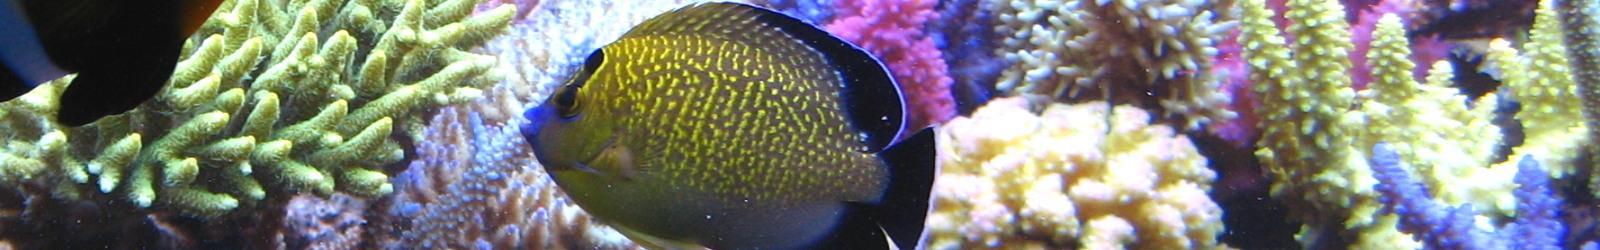 Fischfutter & Fisch Pflegeprodukte